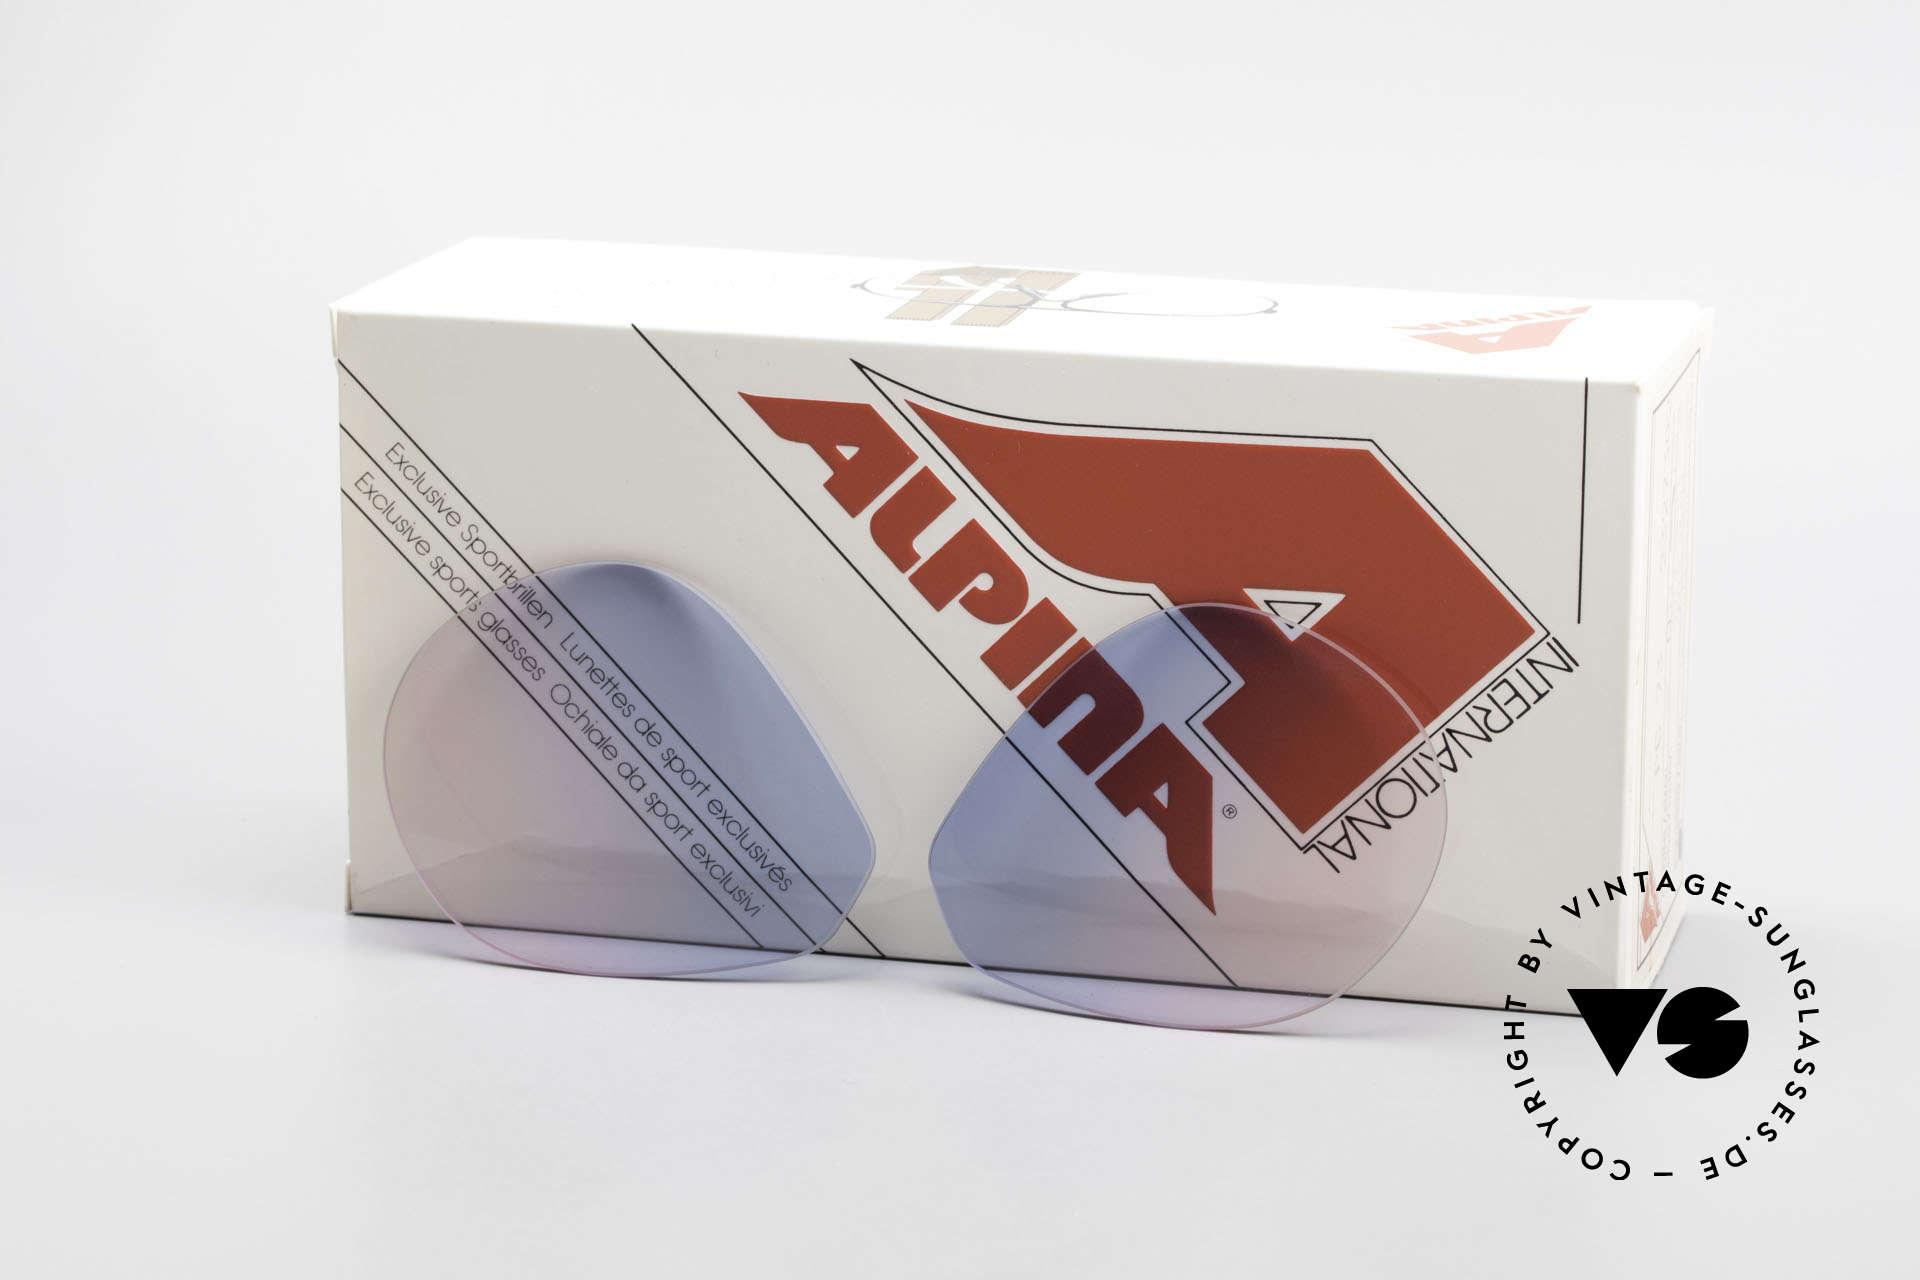 Alpina M1 Lenses Neue Gläser in Baby-Blau Pink, Ersatzgläser für die alte 80er Alpina M1 Sonnenbrille, Passend für Herren und Damen